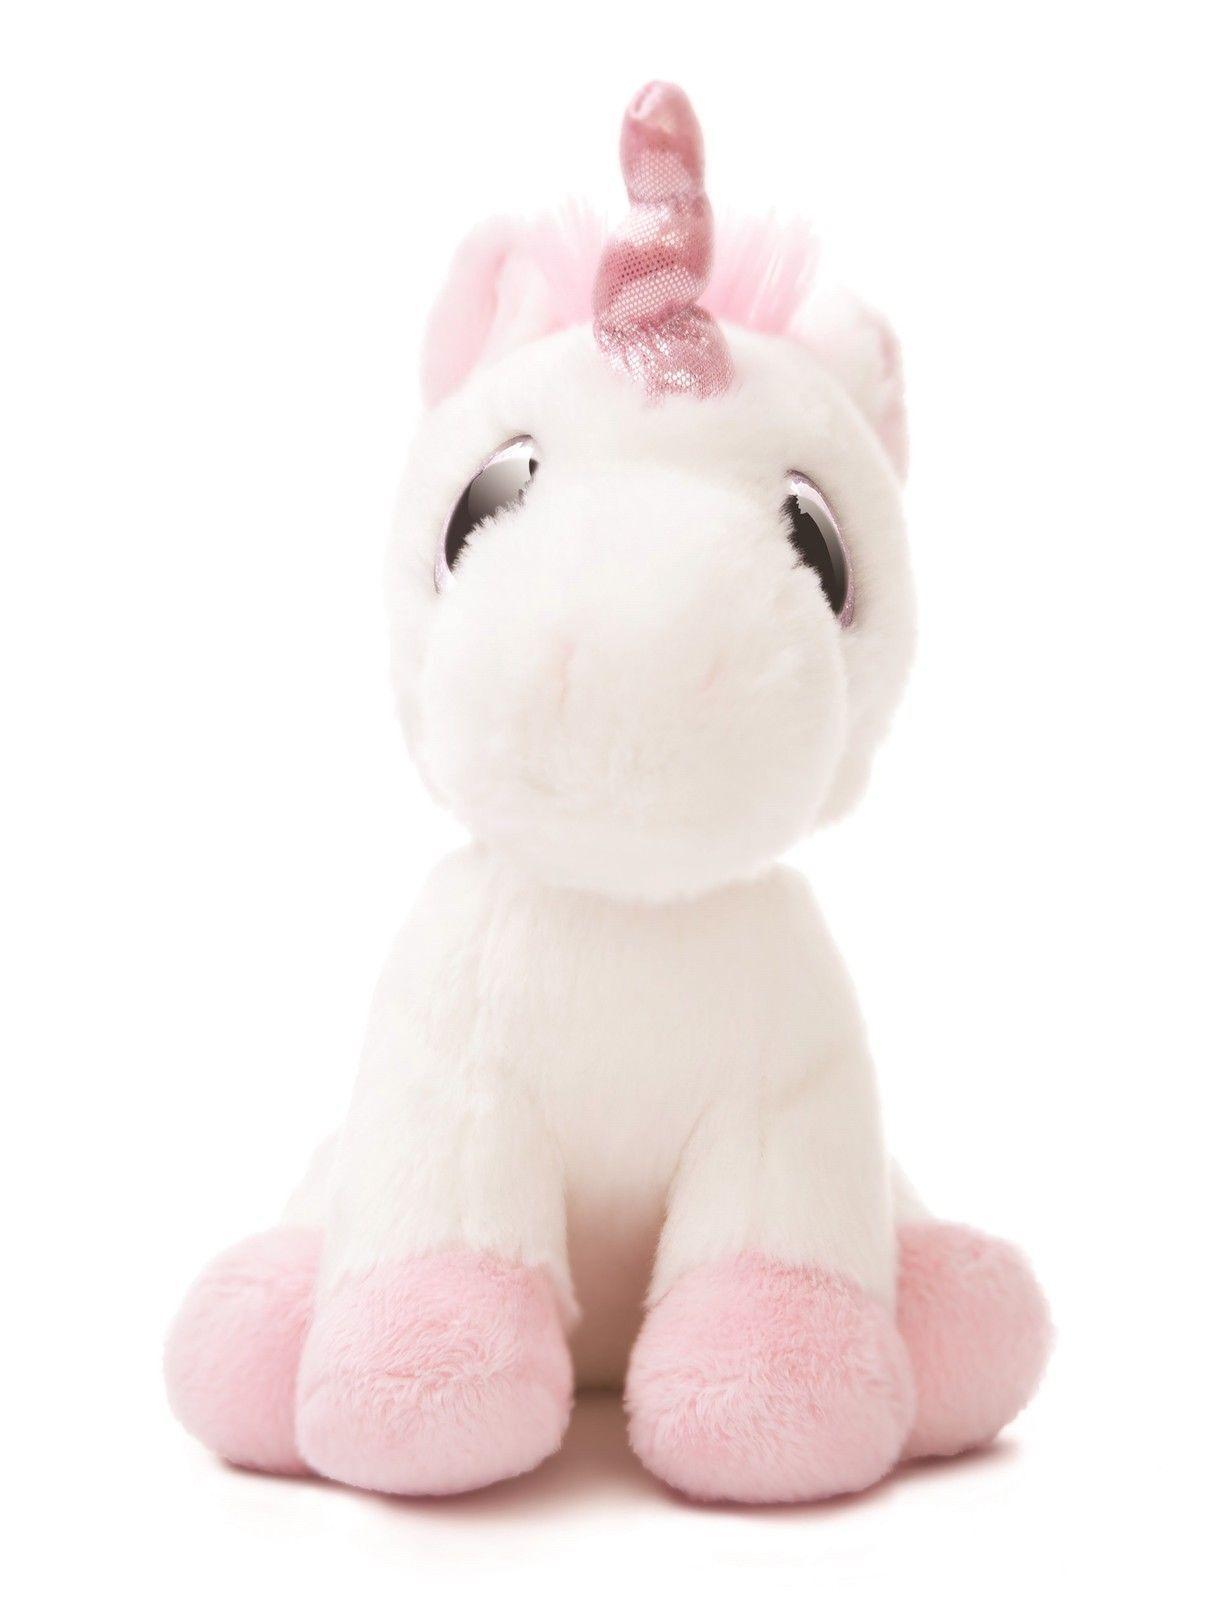 Plüschtier Stofftier Einhorn Pferd Unicorn Kuscheltier 50cm Liegend Pink Weiß